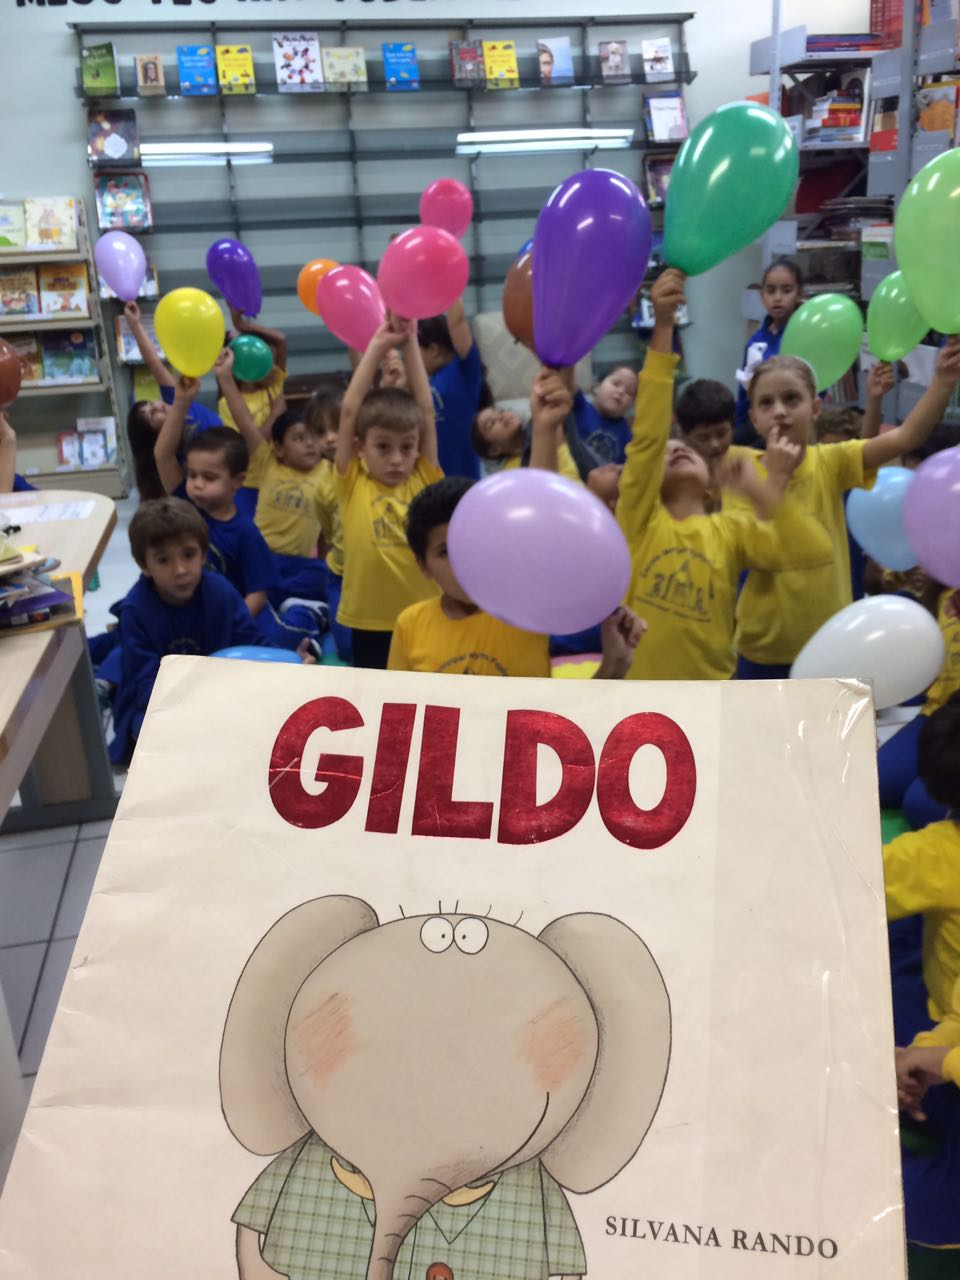 Gildo